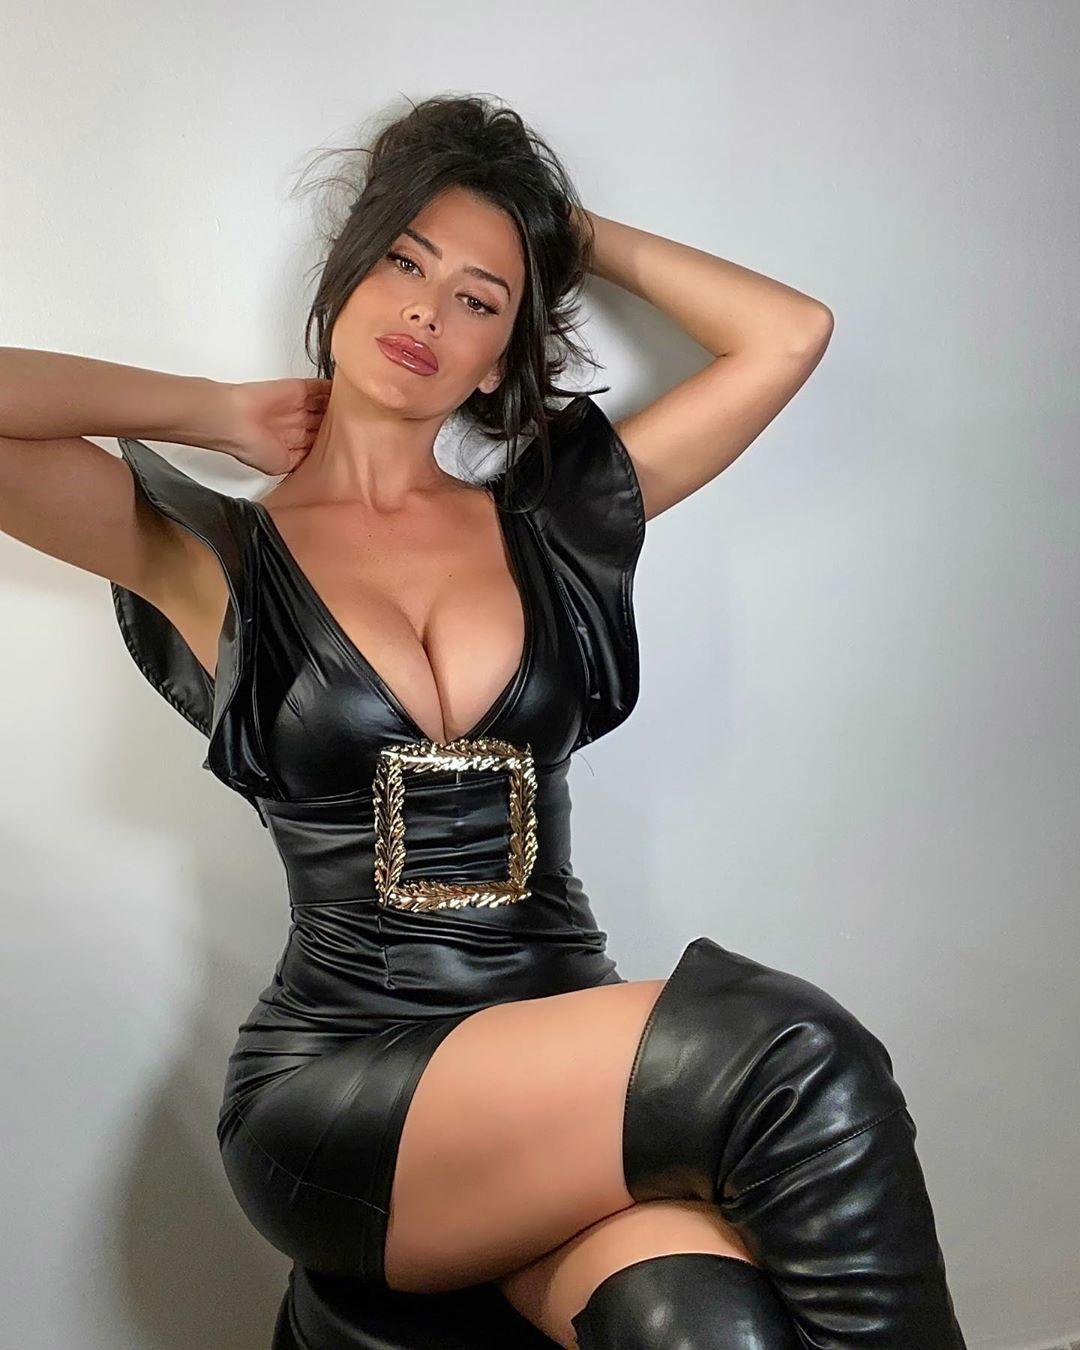 Eva Padlock 24